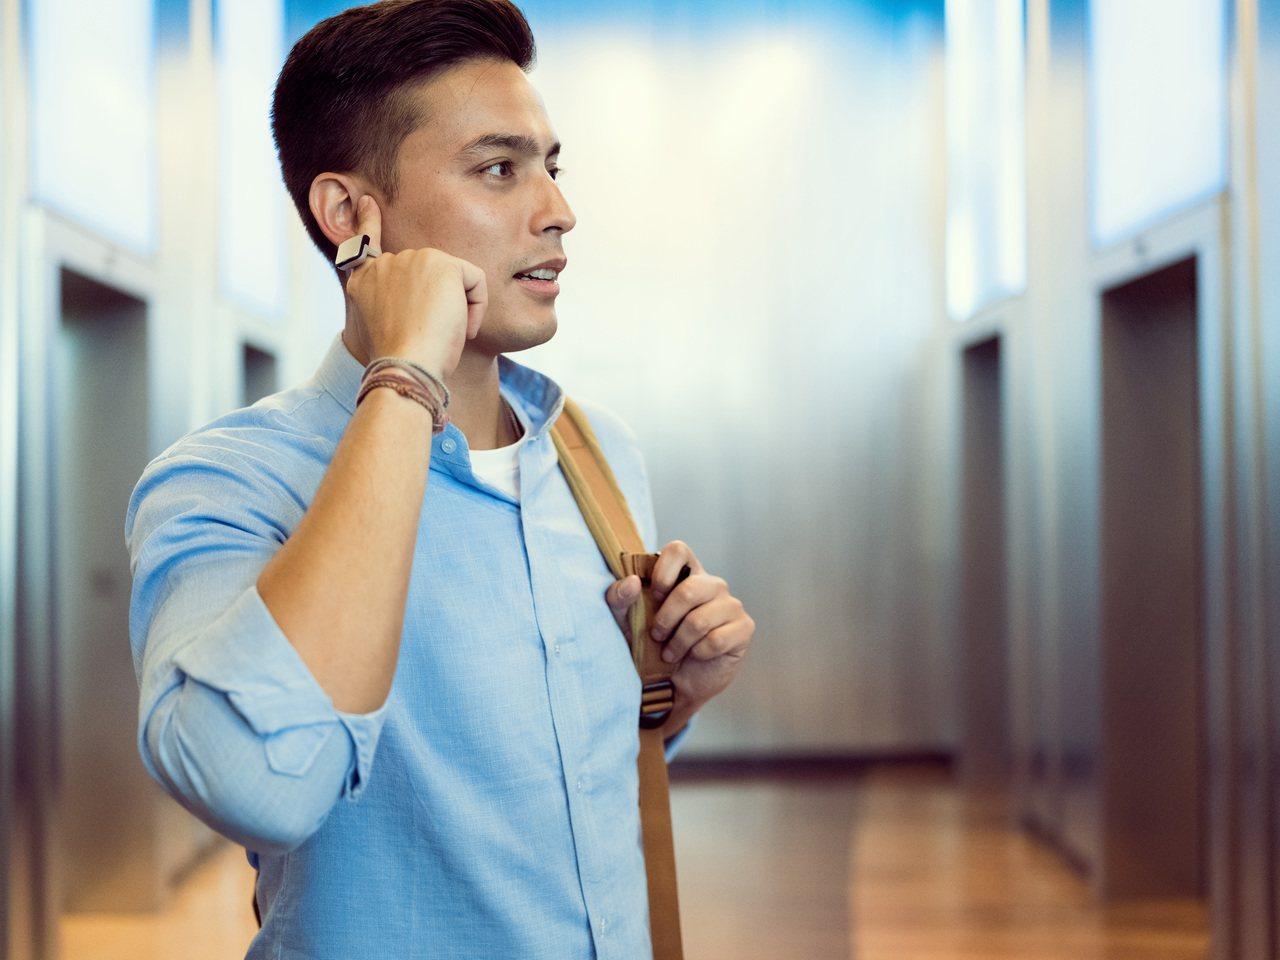 結合骨傳導技術的智慧戒指「ORII」登台集資預購,將戴著戒指的手指輕按在耳邊就可...